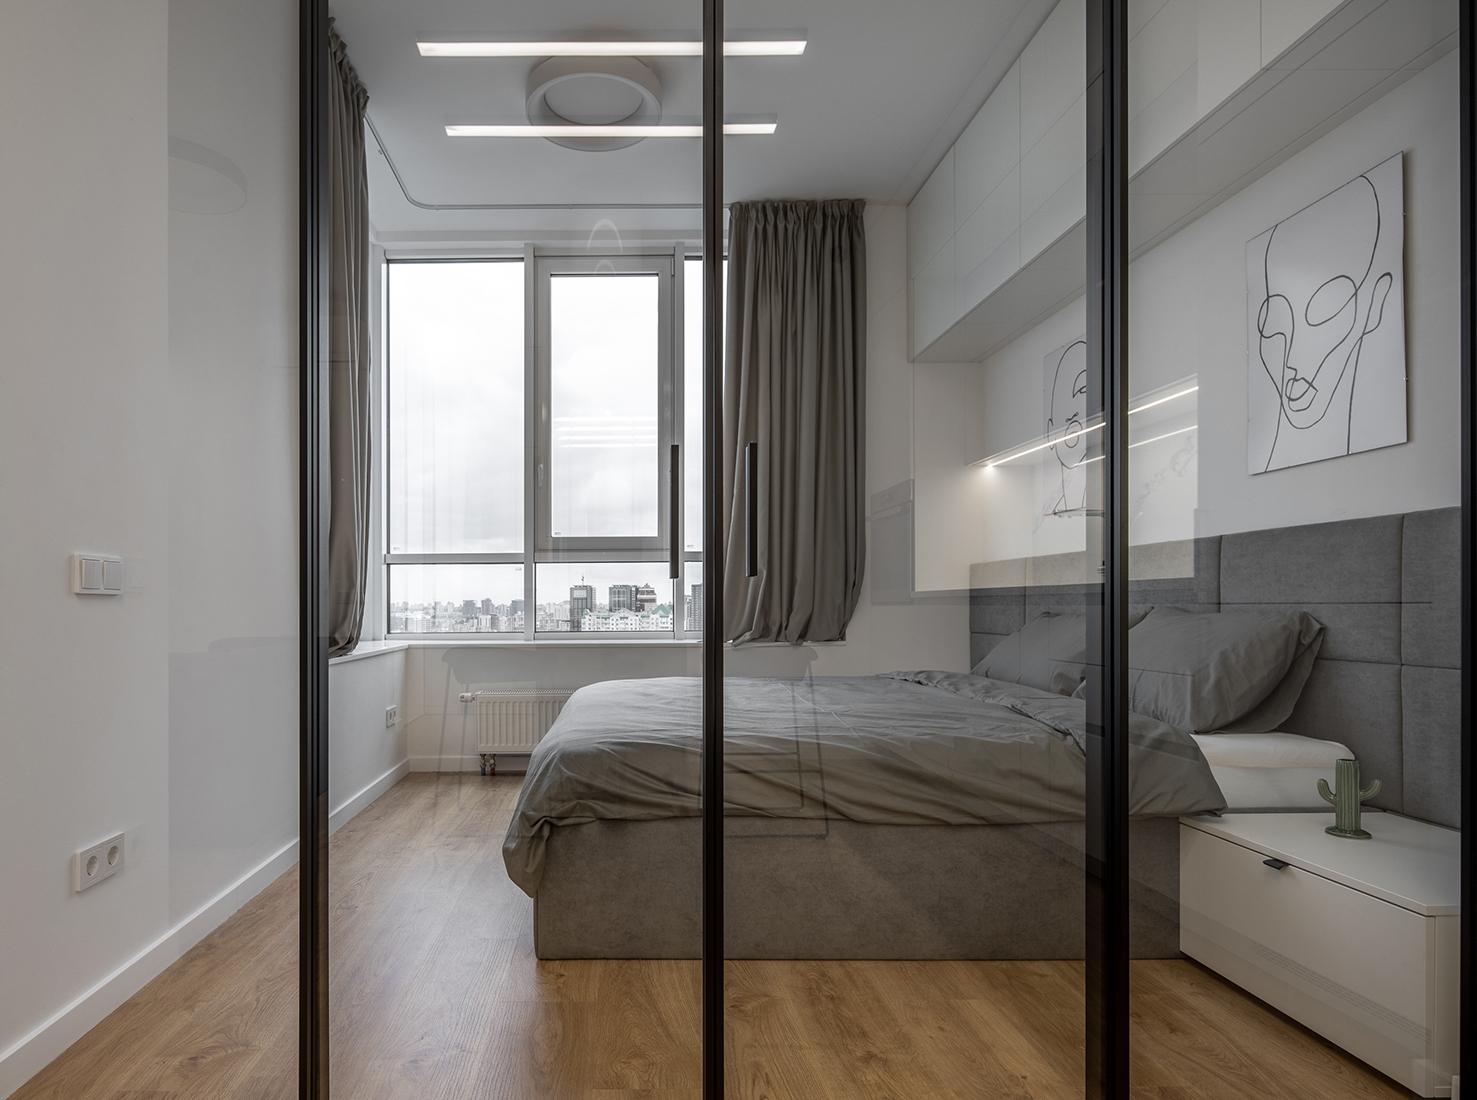 Дизайн квартиры 50 квадратных метров фото